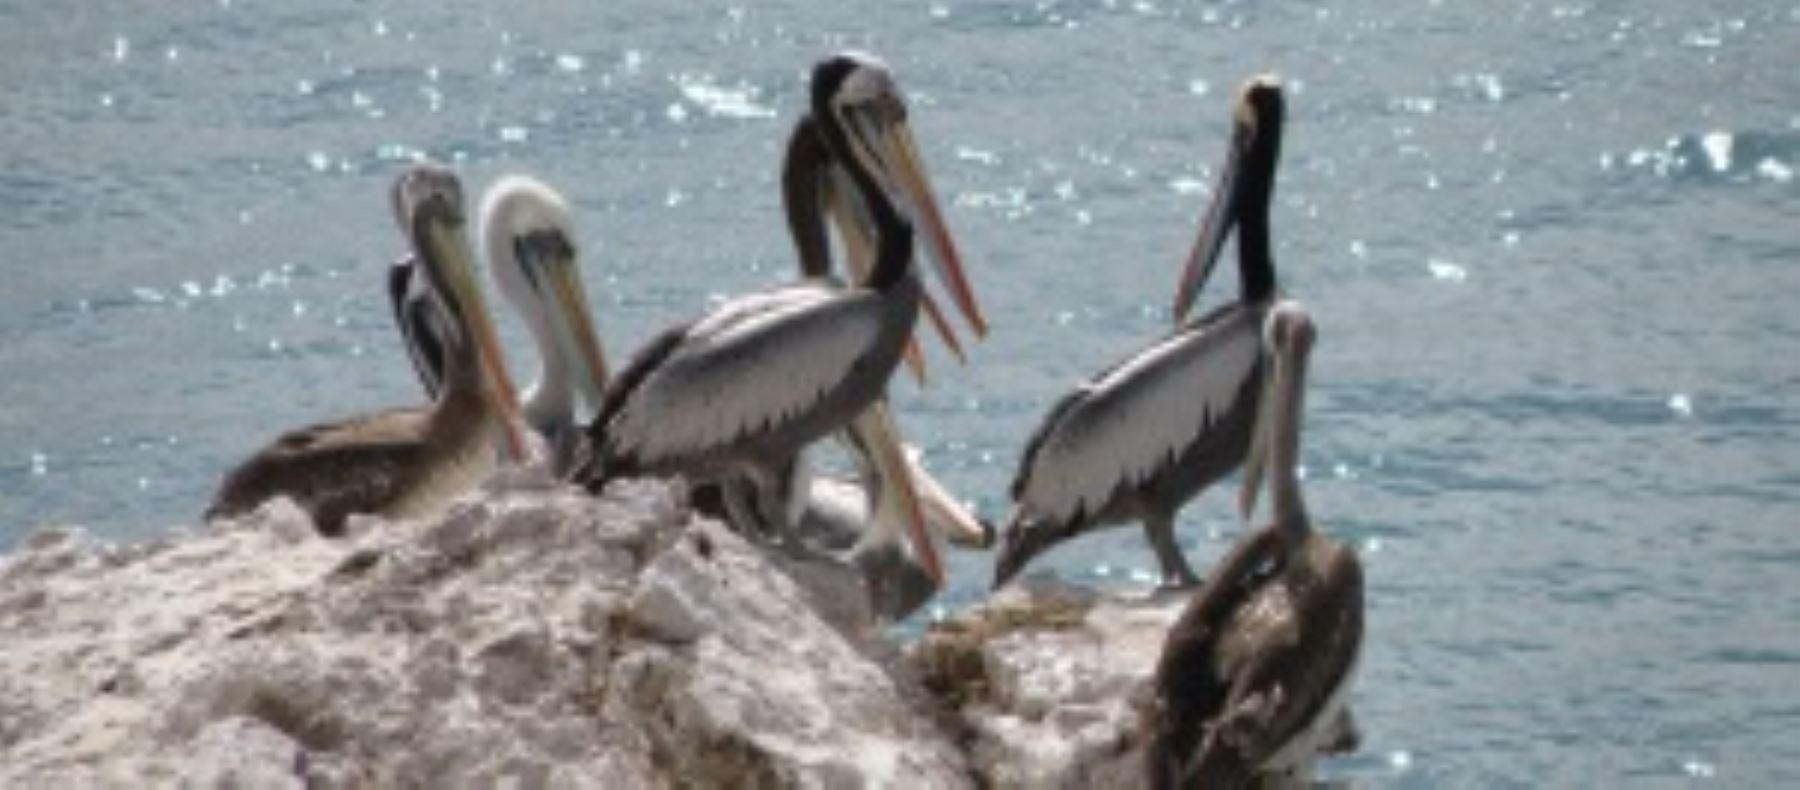 La Reserva Nacional San Fernando es una de las áreas naturales protegidas por el Estado peruano menos conocidas, pero que destaca por su privilegiada ubicación y amplia diversidad biológica que la ubican como la segunda más importante de la Costa después de la Reserva Nacional de Paracas.